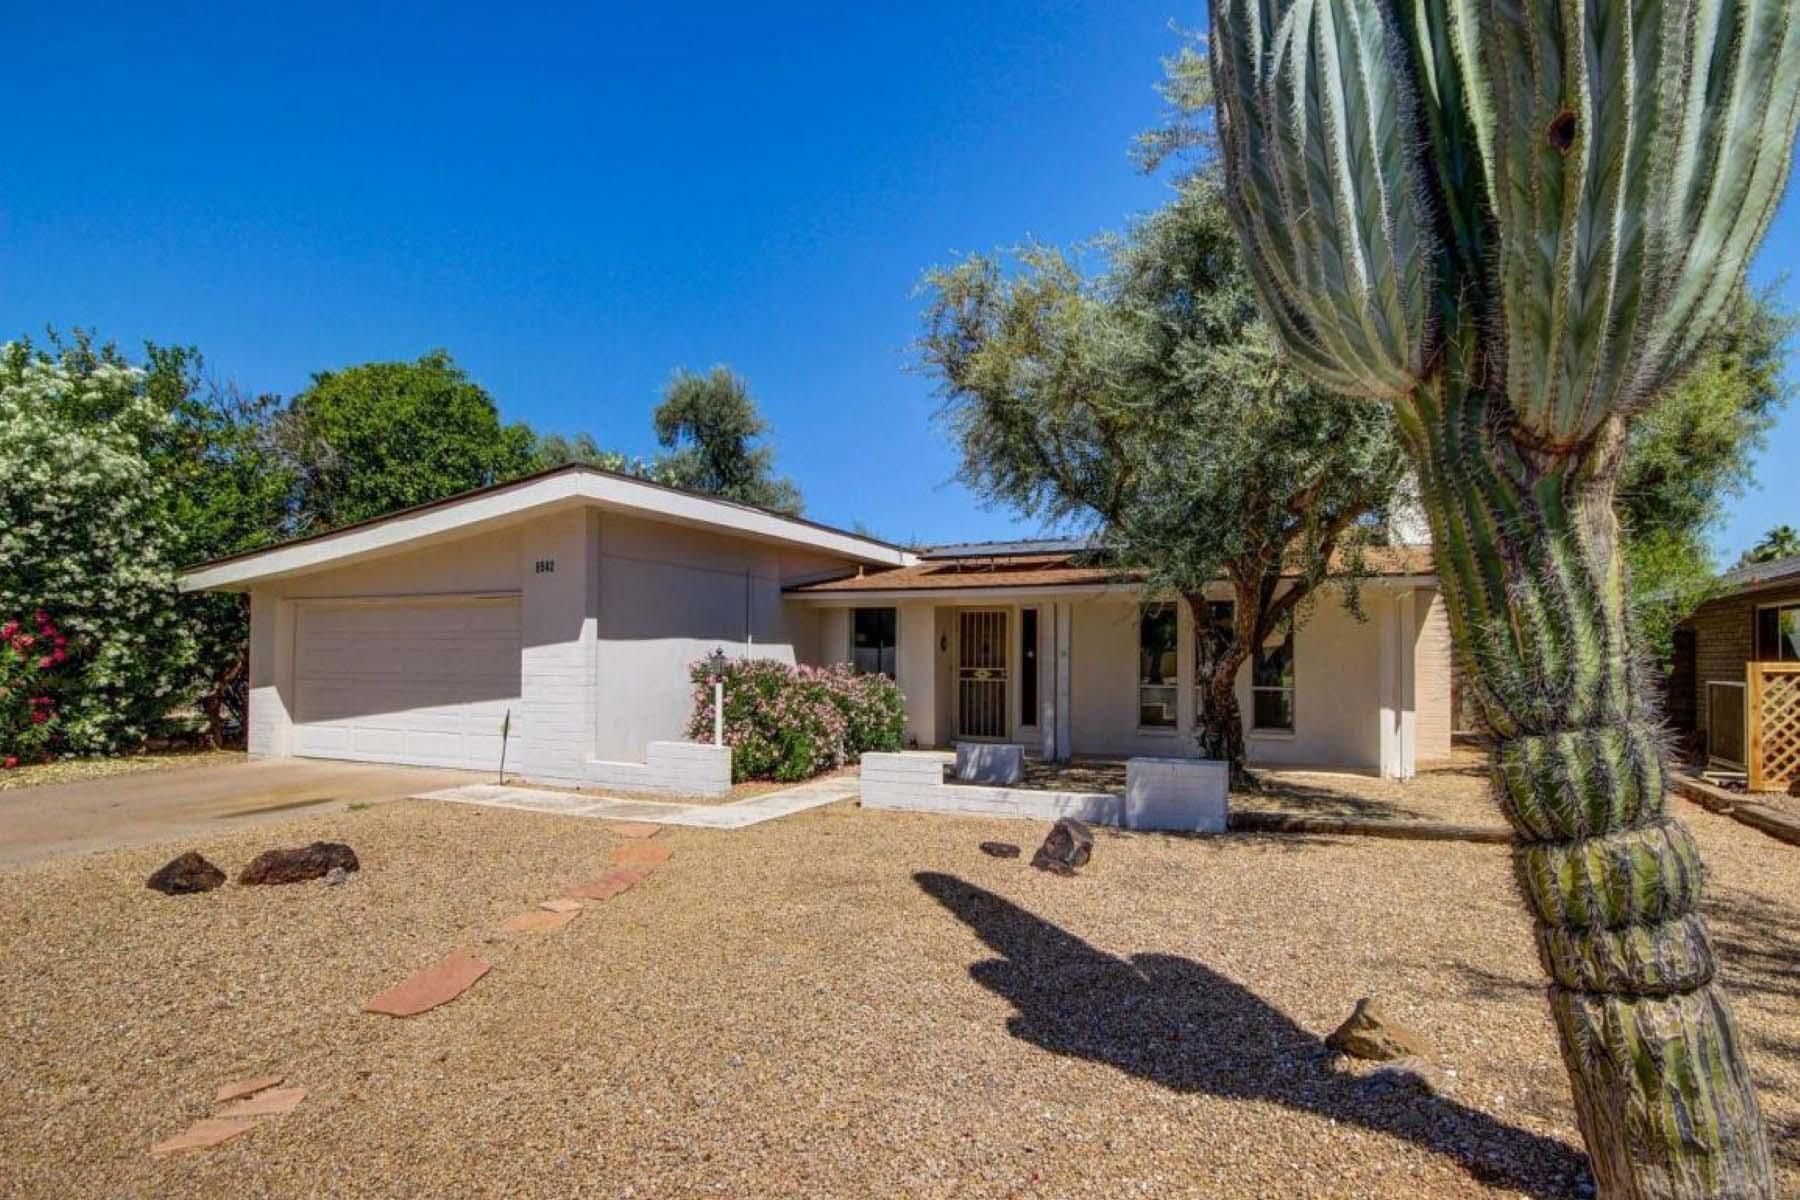 獨棟家庭住宅 為 出售 在 Charming home In the heart of McCormick Ranch. 8542 E VIA DE LA ESCUELA Scottsdale, 亞利桑那州 85258 美國